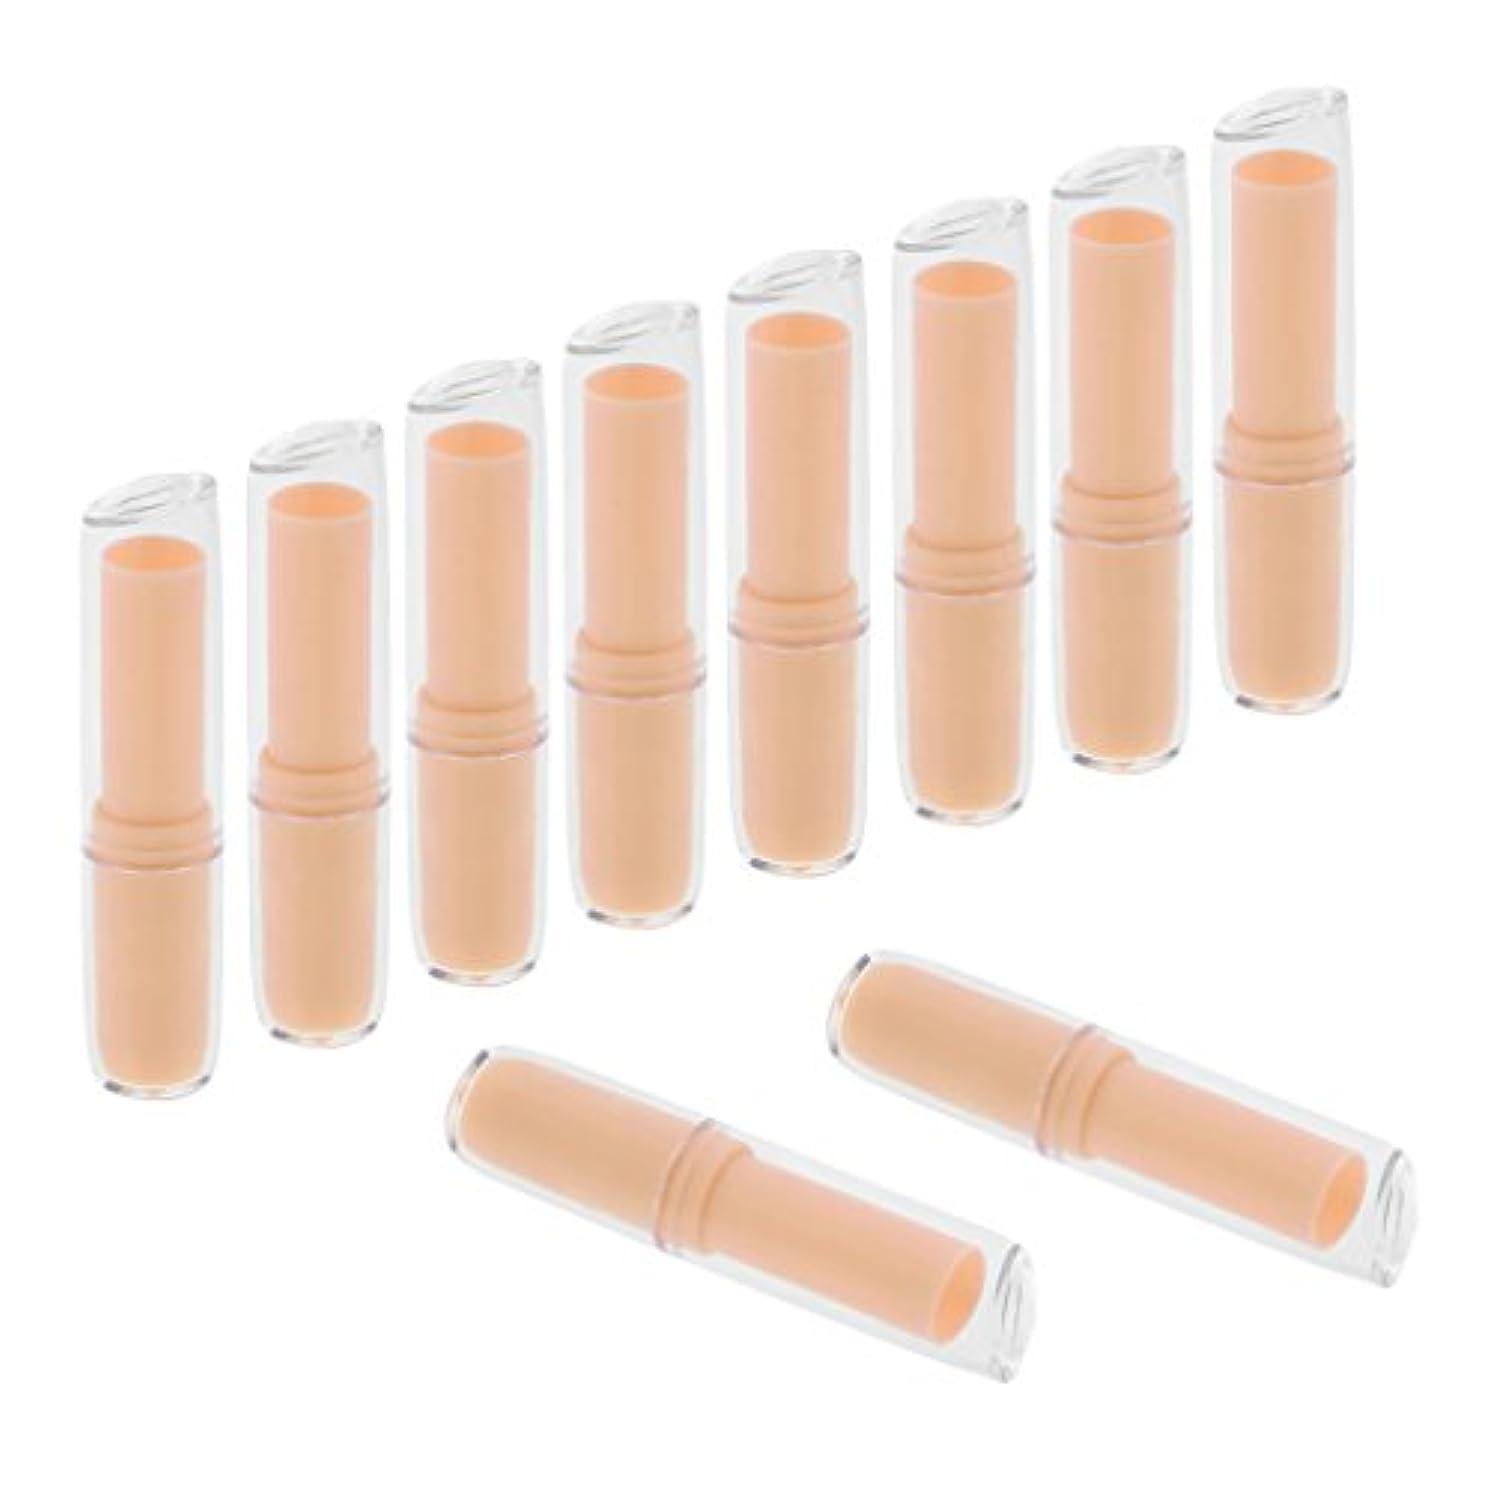 中絶ごちそう浮くリップクリームチューブ 口紅容器 口紅チューブ リップクリーム容器 プラスチック材質 約10個 全6色 - オレンジ